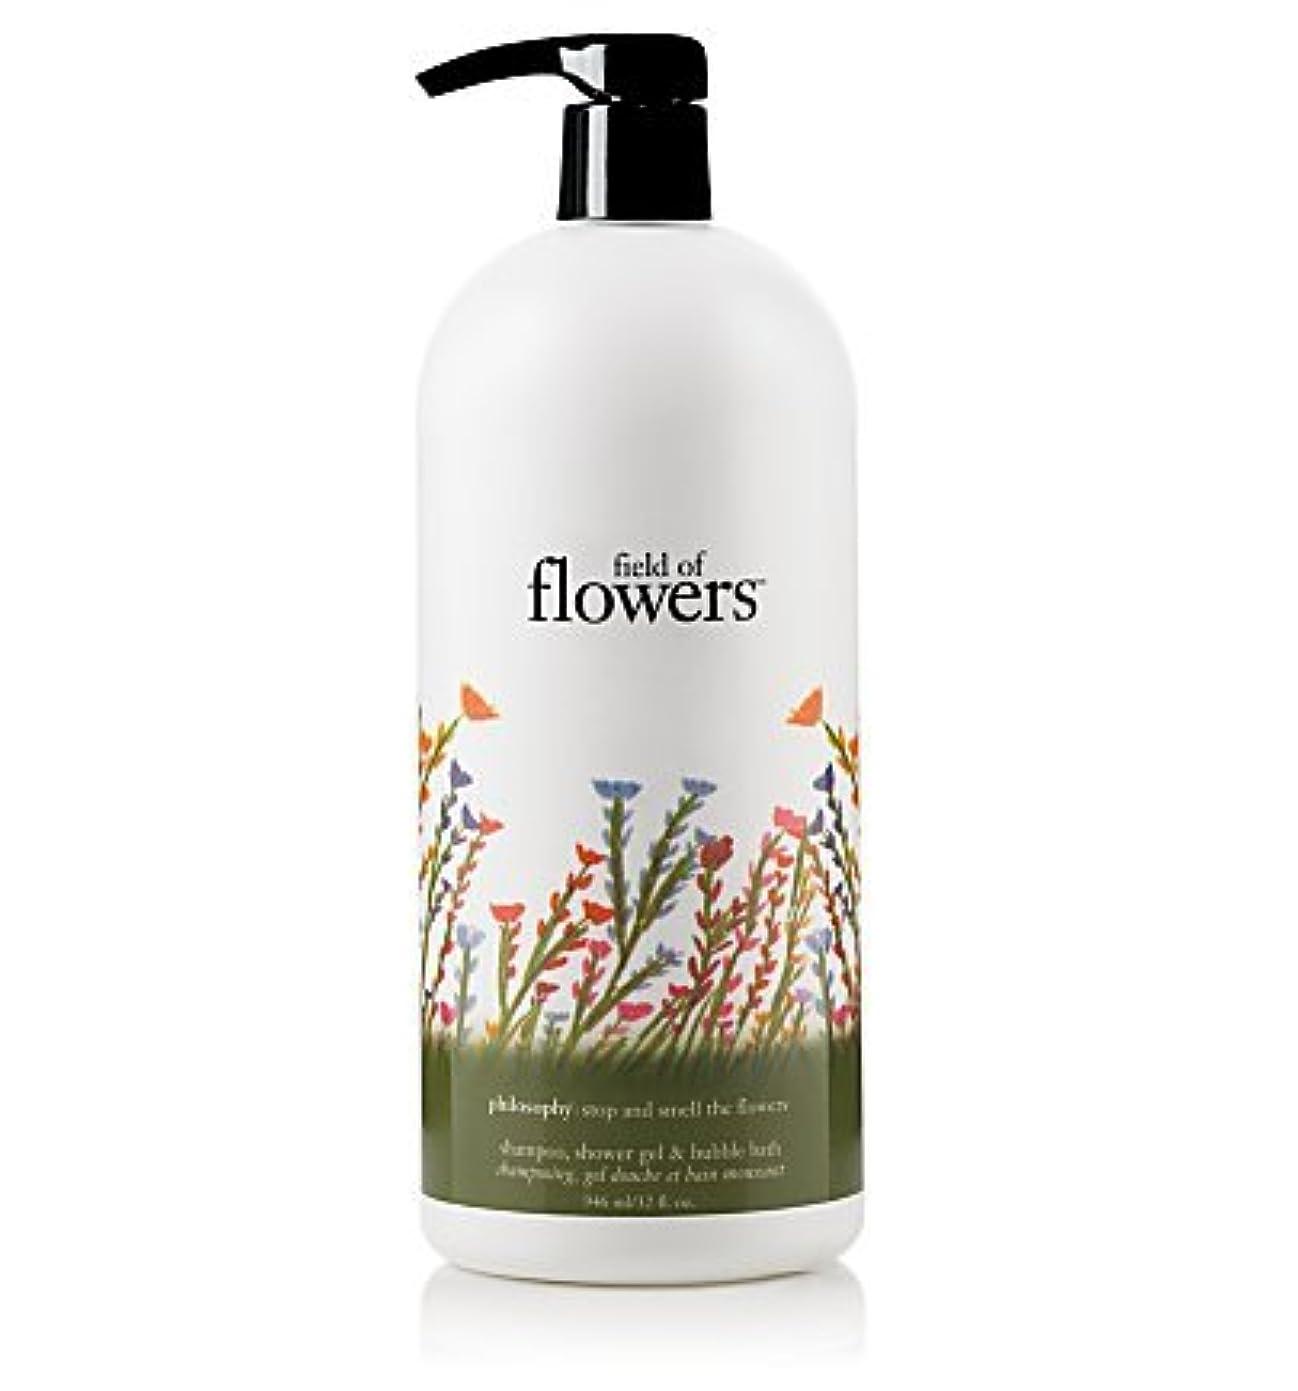 二度中央値エアコンfield of flowers (フィールド オブ フラワーズ) 32.0 oz (960ml) shampoo, shower gel & bubble bath for Women